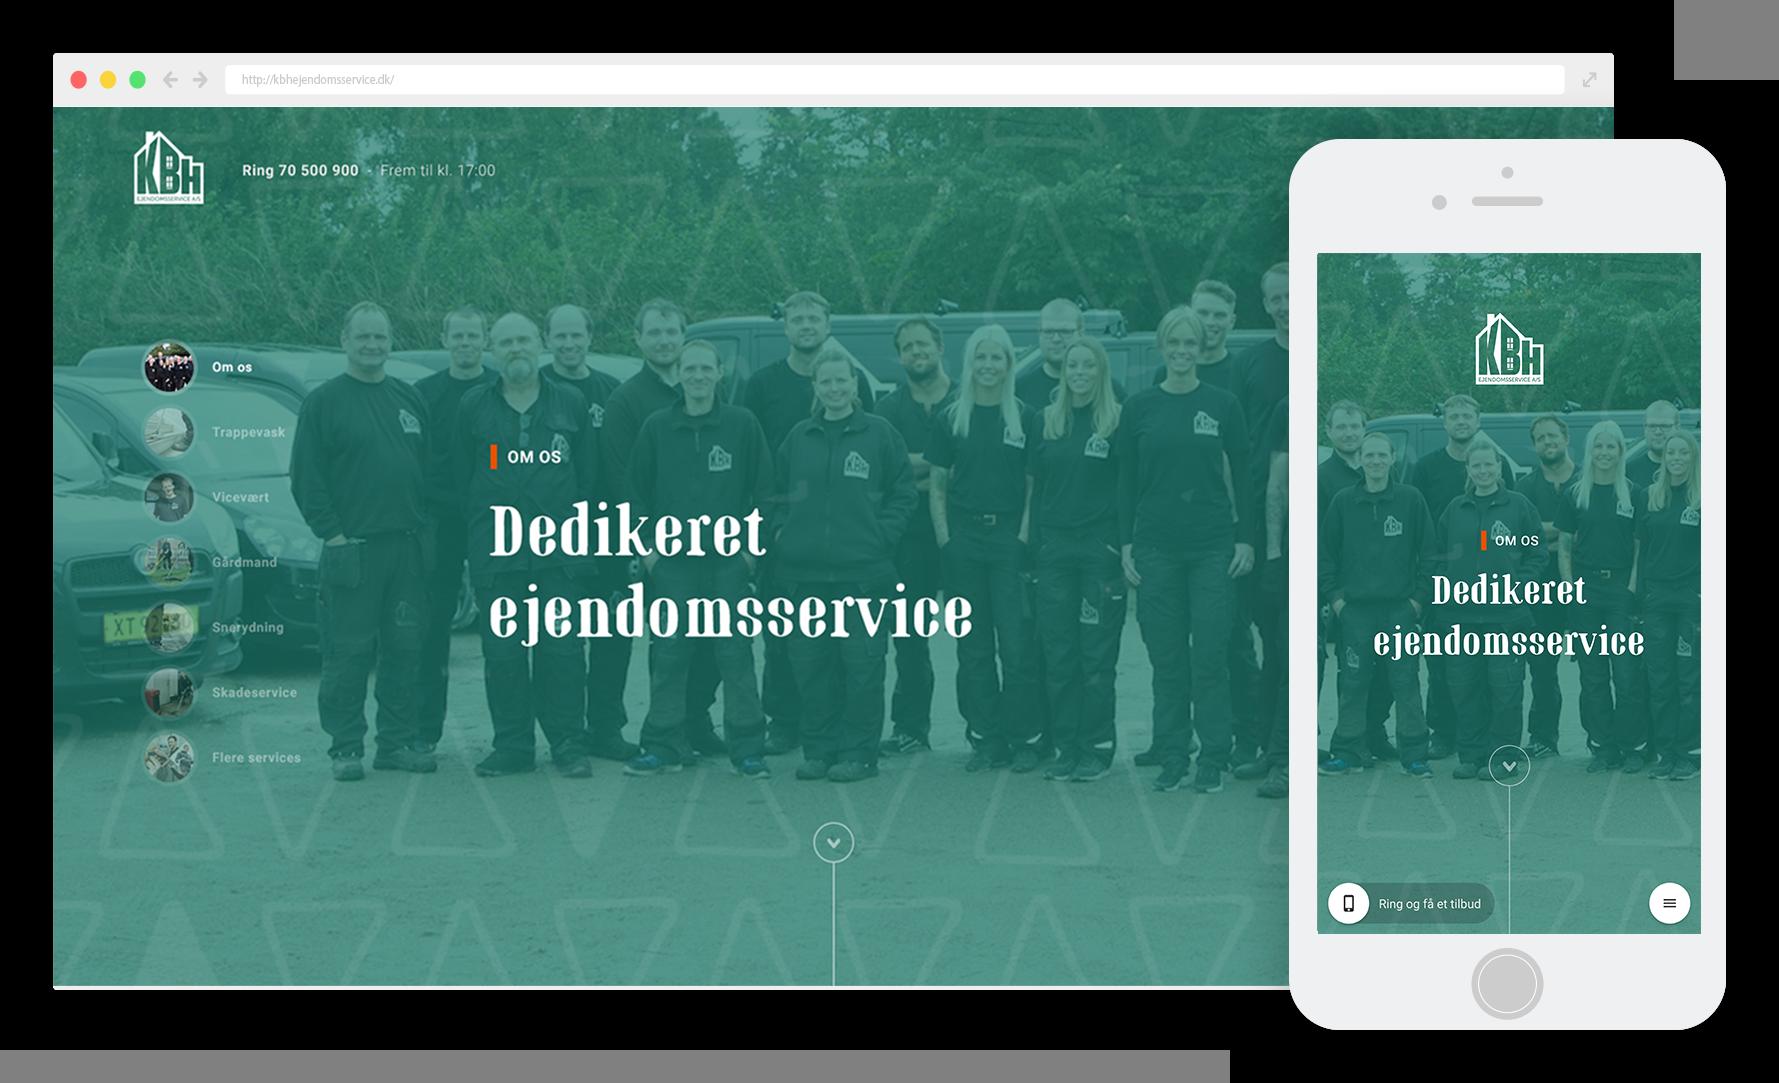 Kbh ejendomsservice hjemmeside præsentation desktop mobile